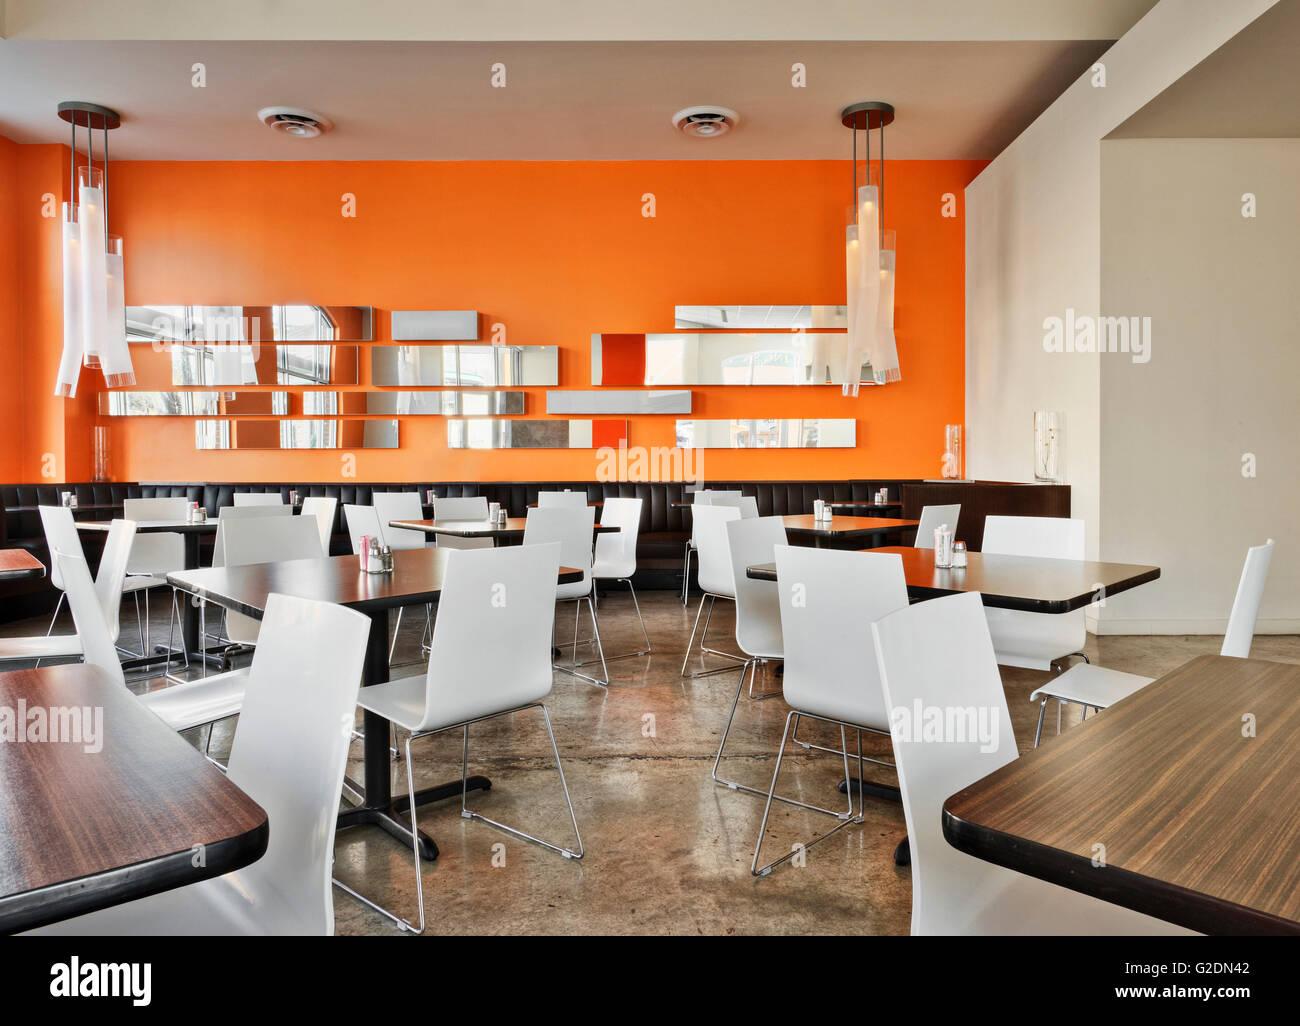 Pareti Colore Arancione : Il moderno caffè con pareti di colore arancione e sedie bianche foto